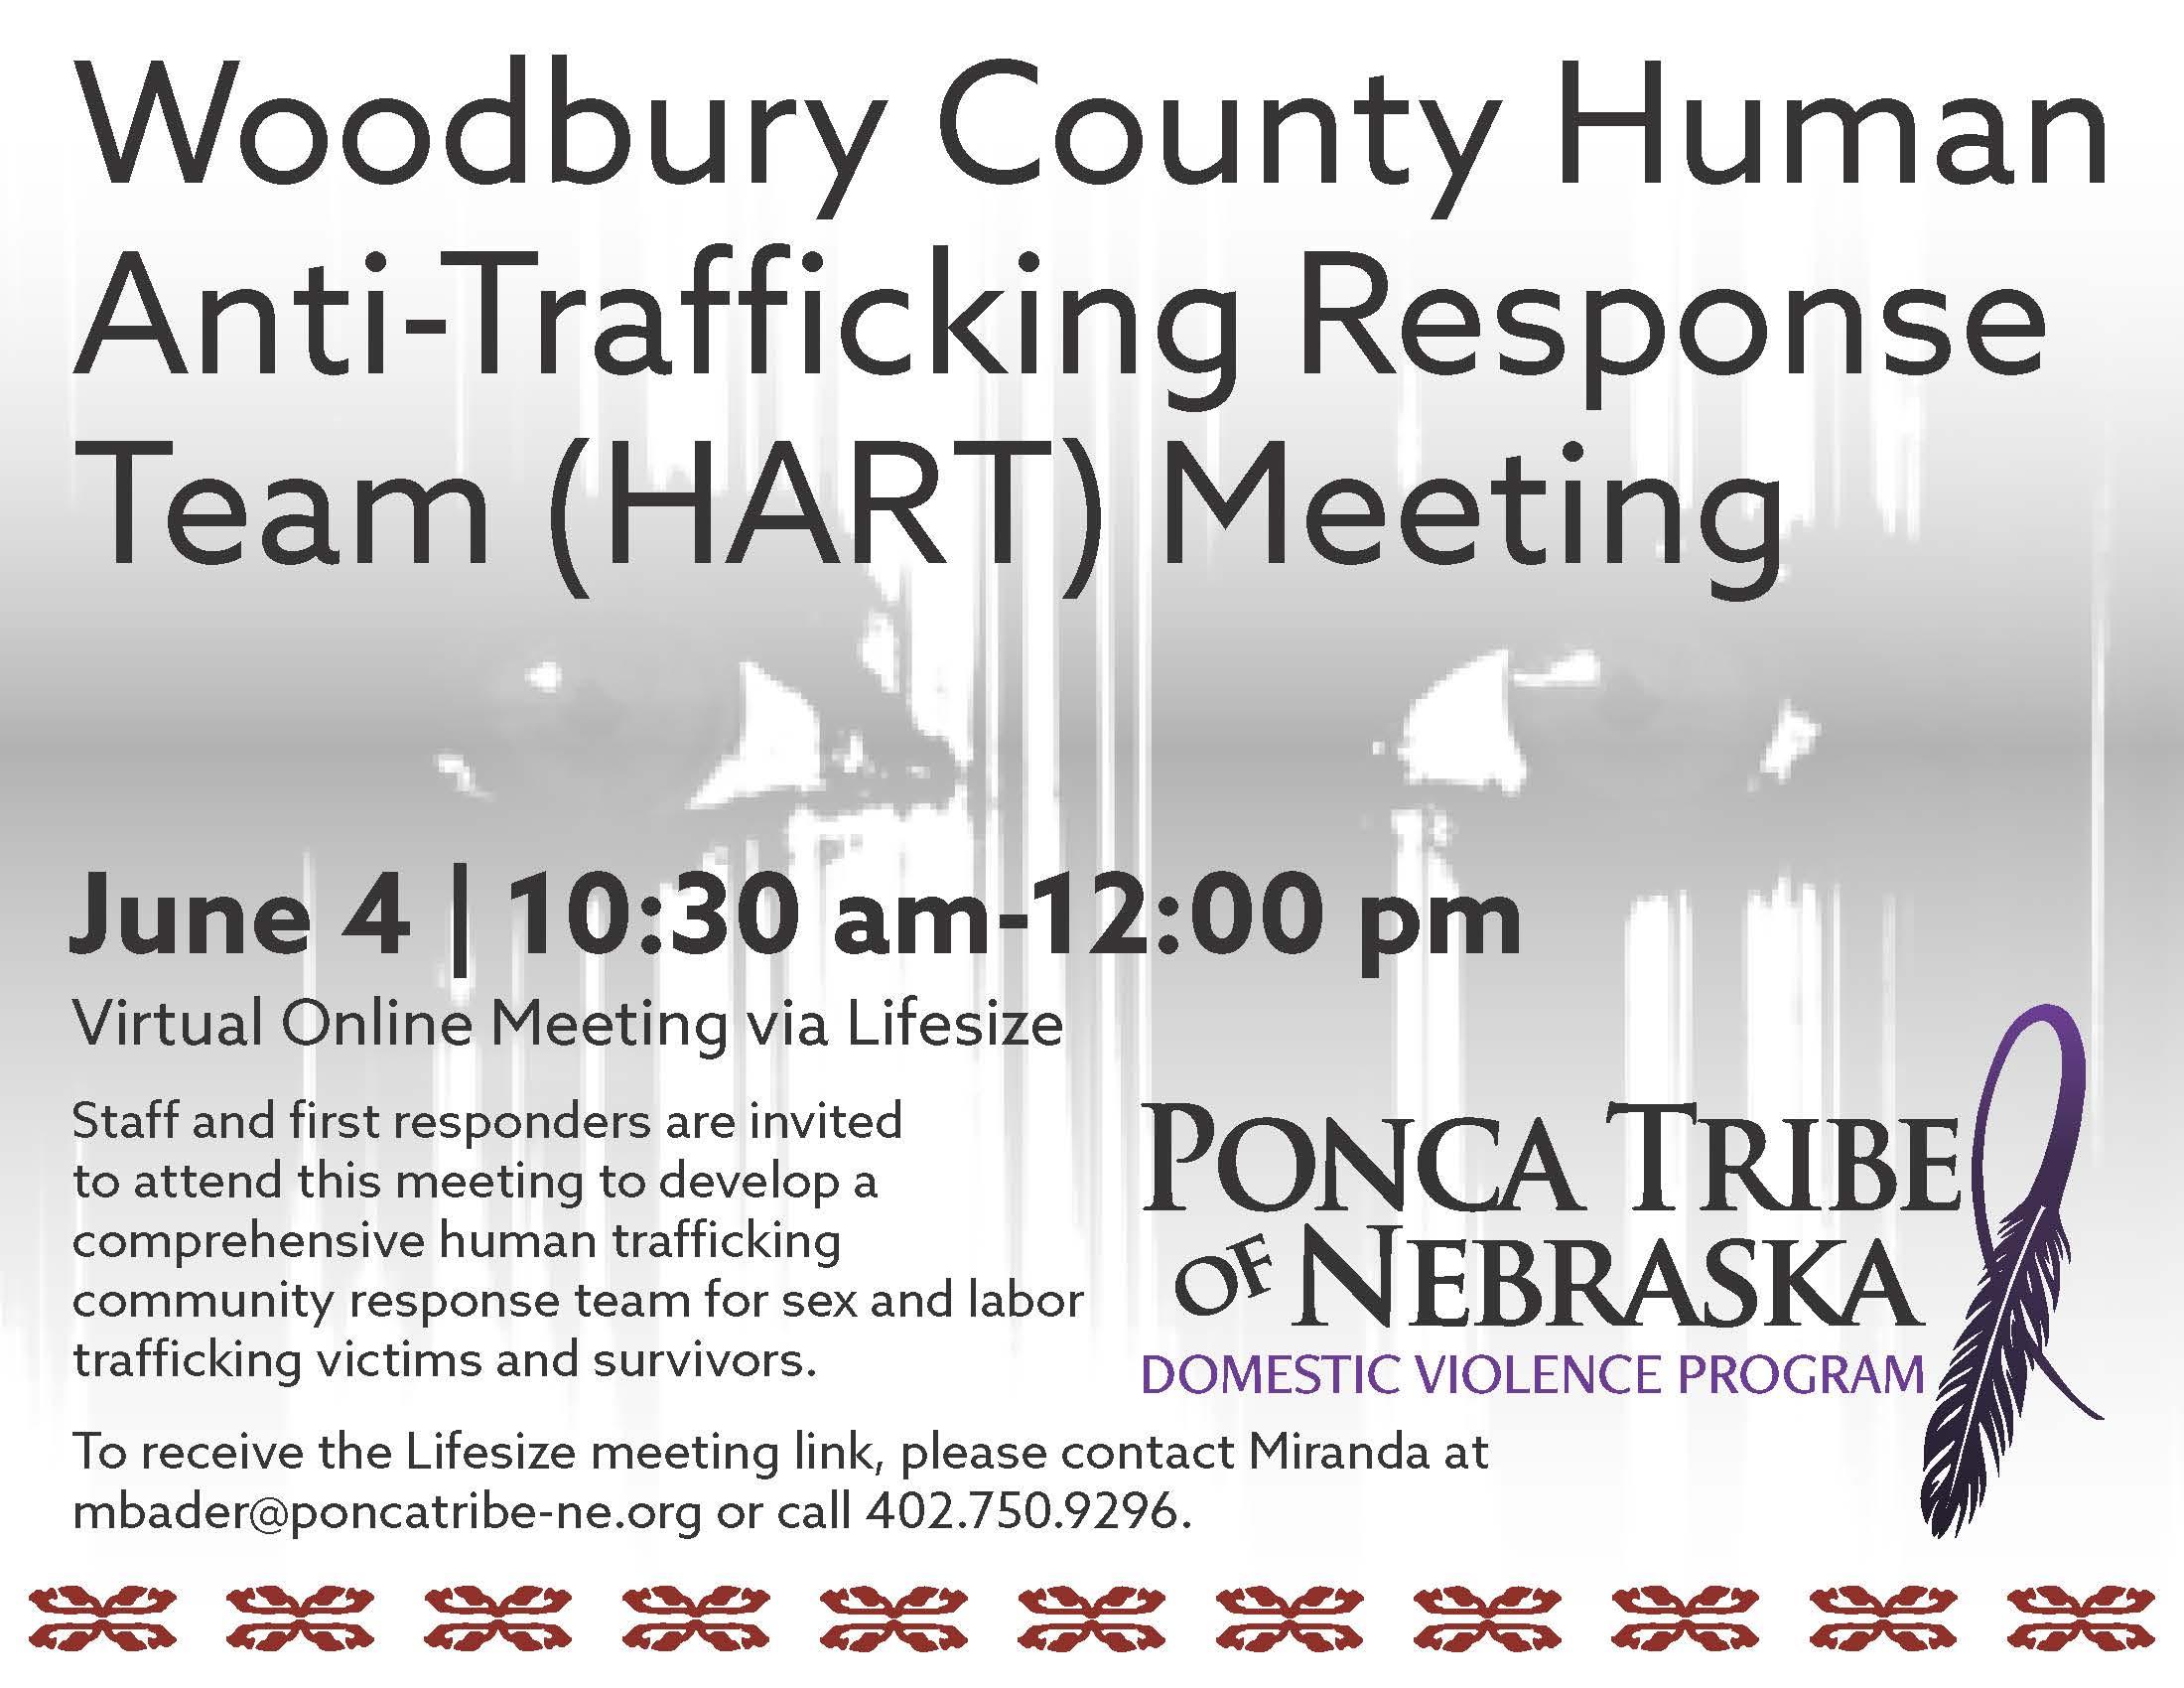 HART Meeting-Woodbury